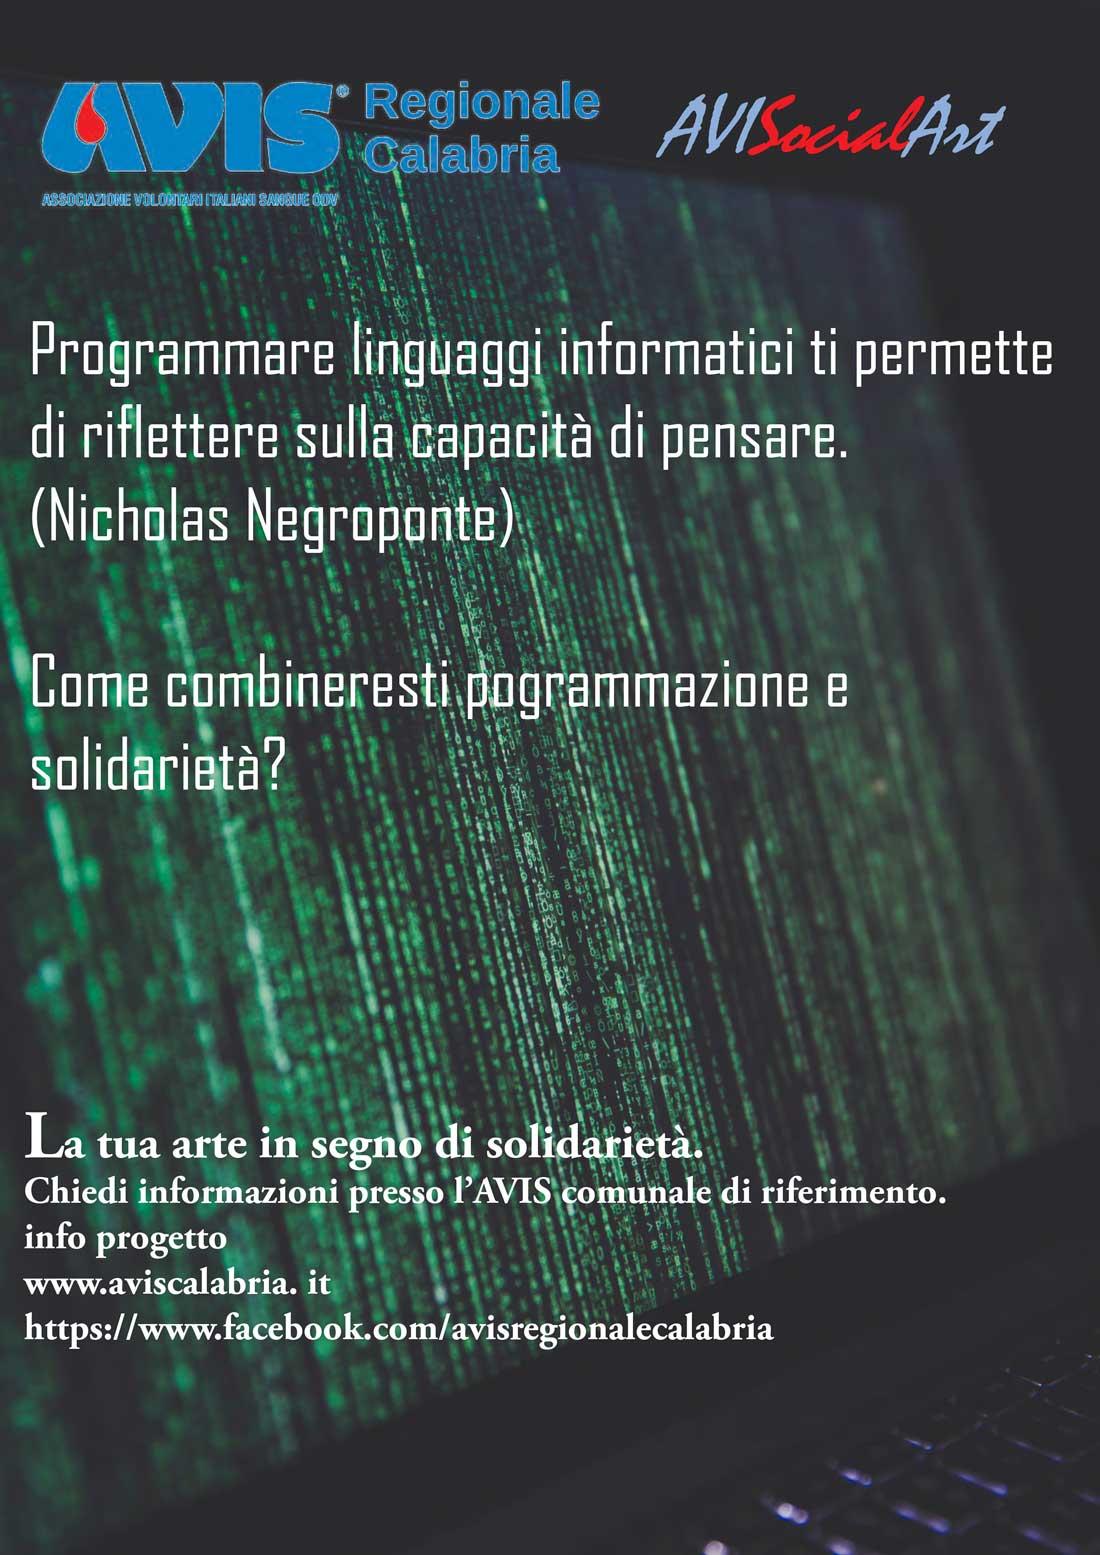 Programmare linguaggio informatici